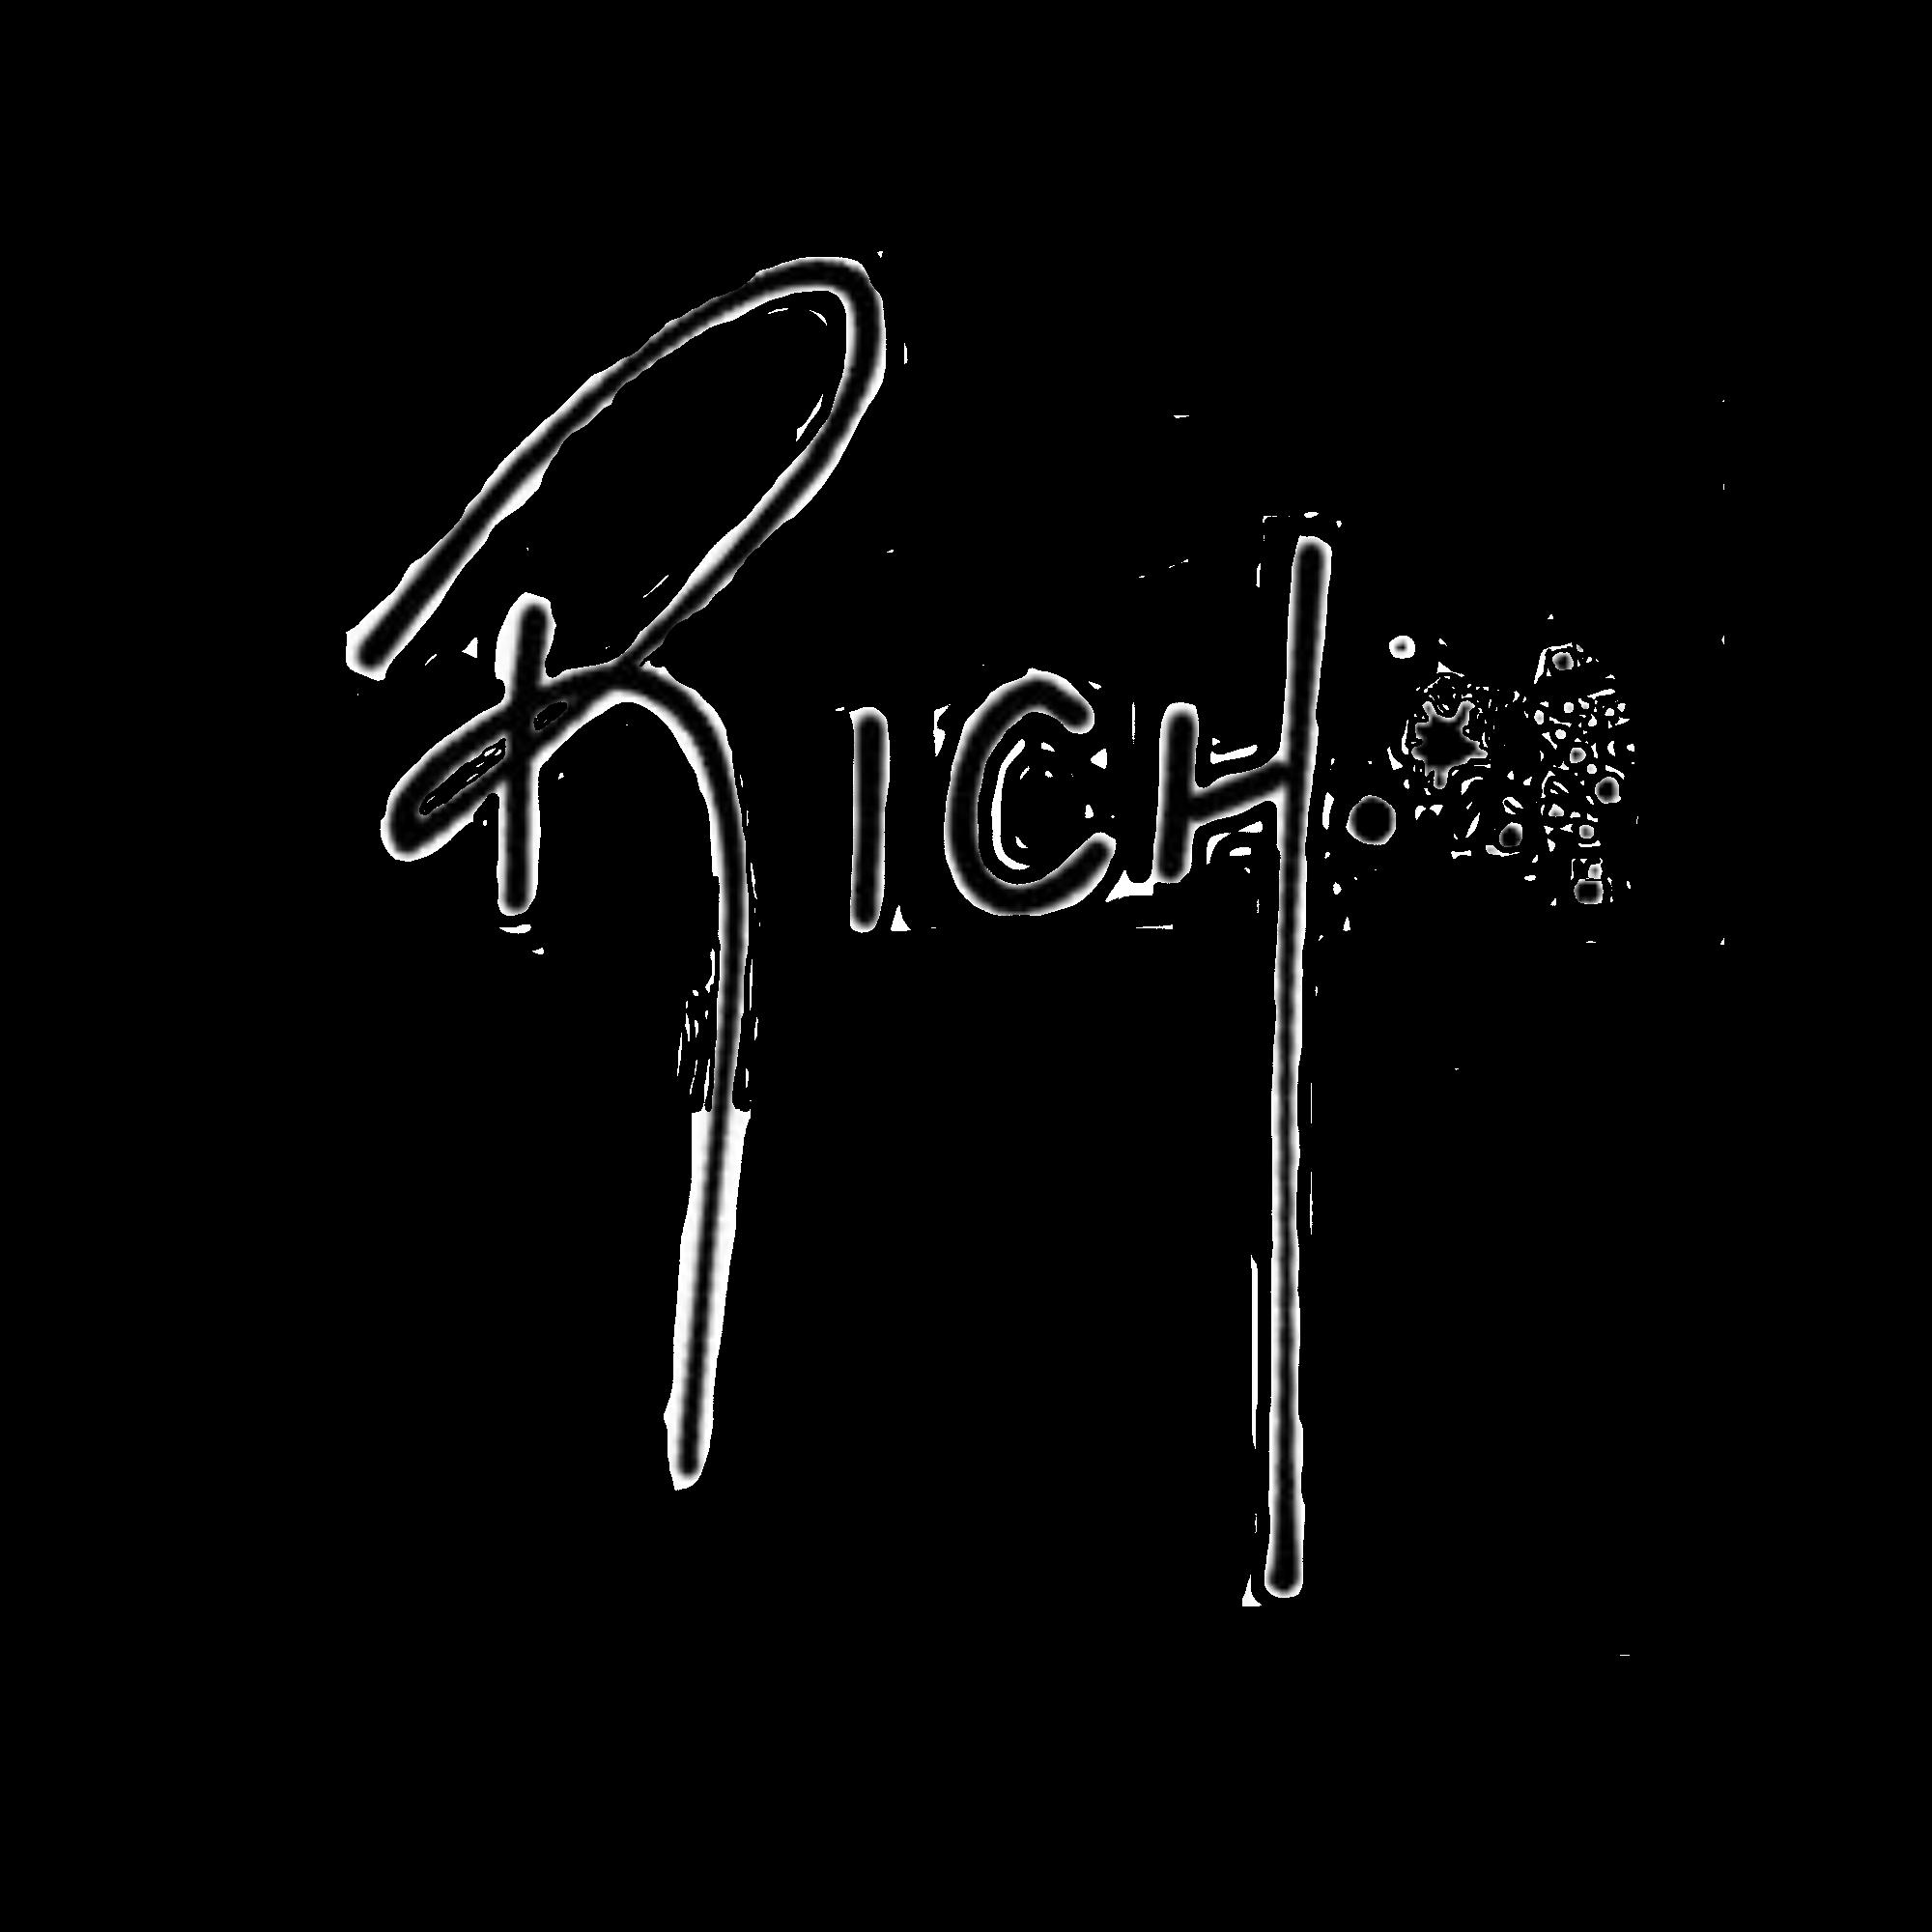 Anthony Ricciardi's Signature